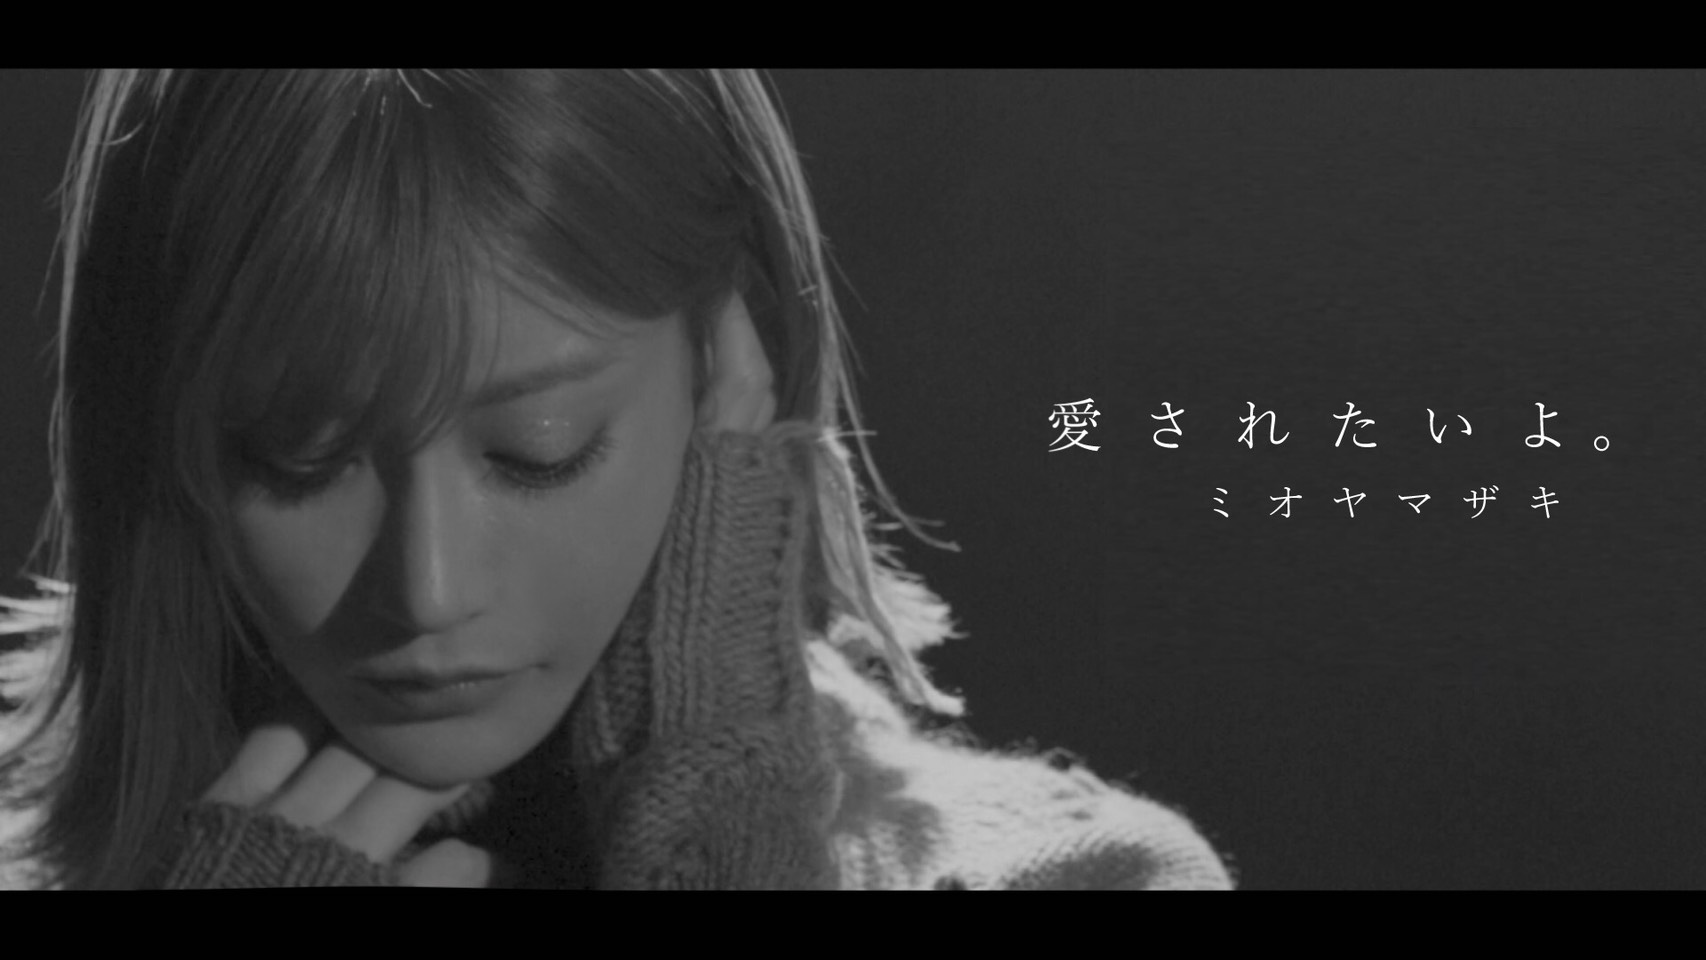 ミオヤマザキの新曲MVに、明日花キララが出演!大きな共感を呼ぶ映像作品が完成